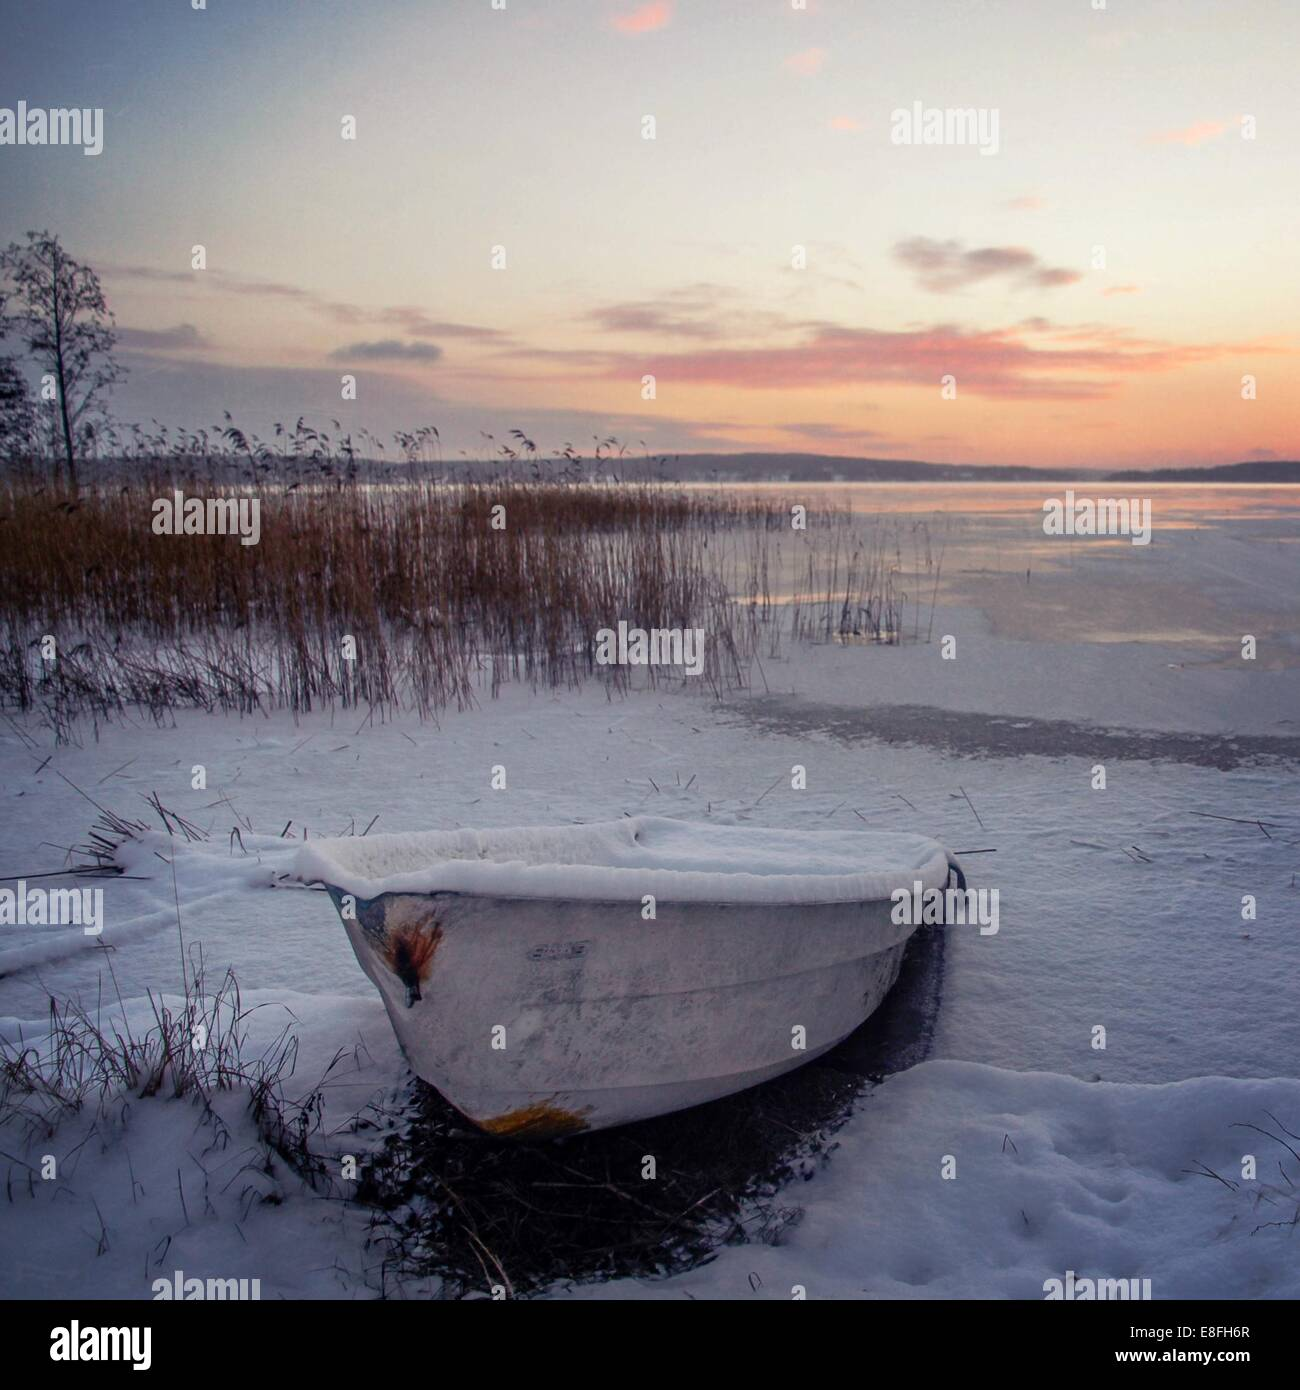 Bateau à rames couvertes de neige Photo Stock